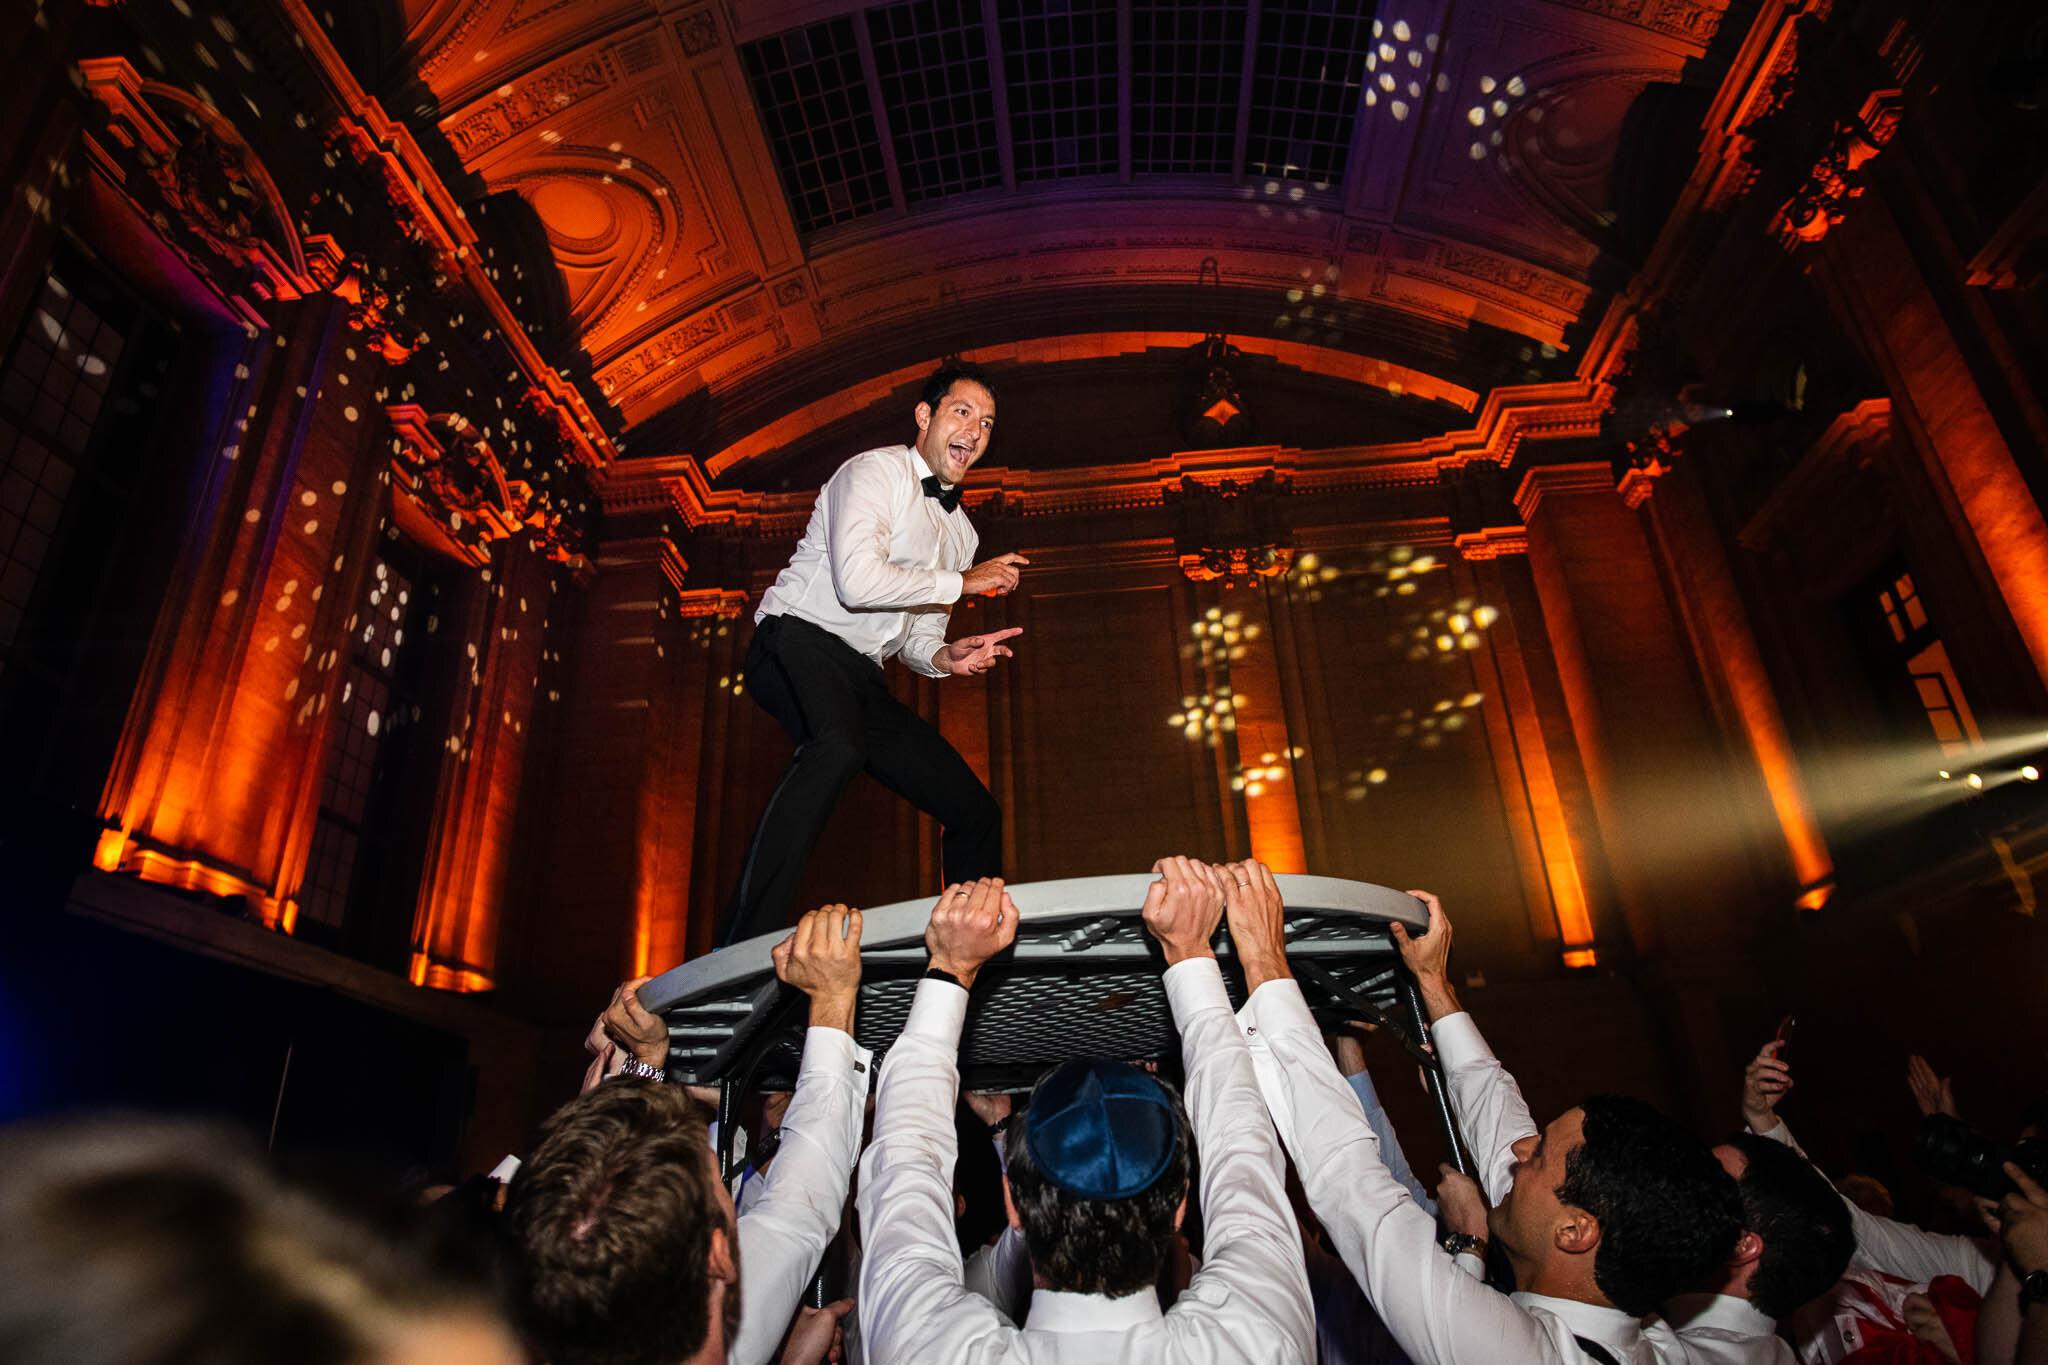 Montreal Wedding Photographer AshleyMacPhee (38 of 49).jpg